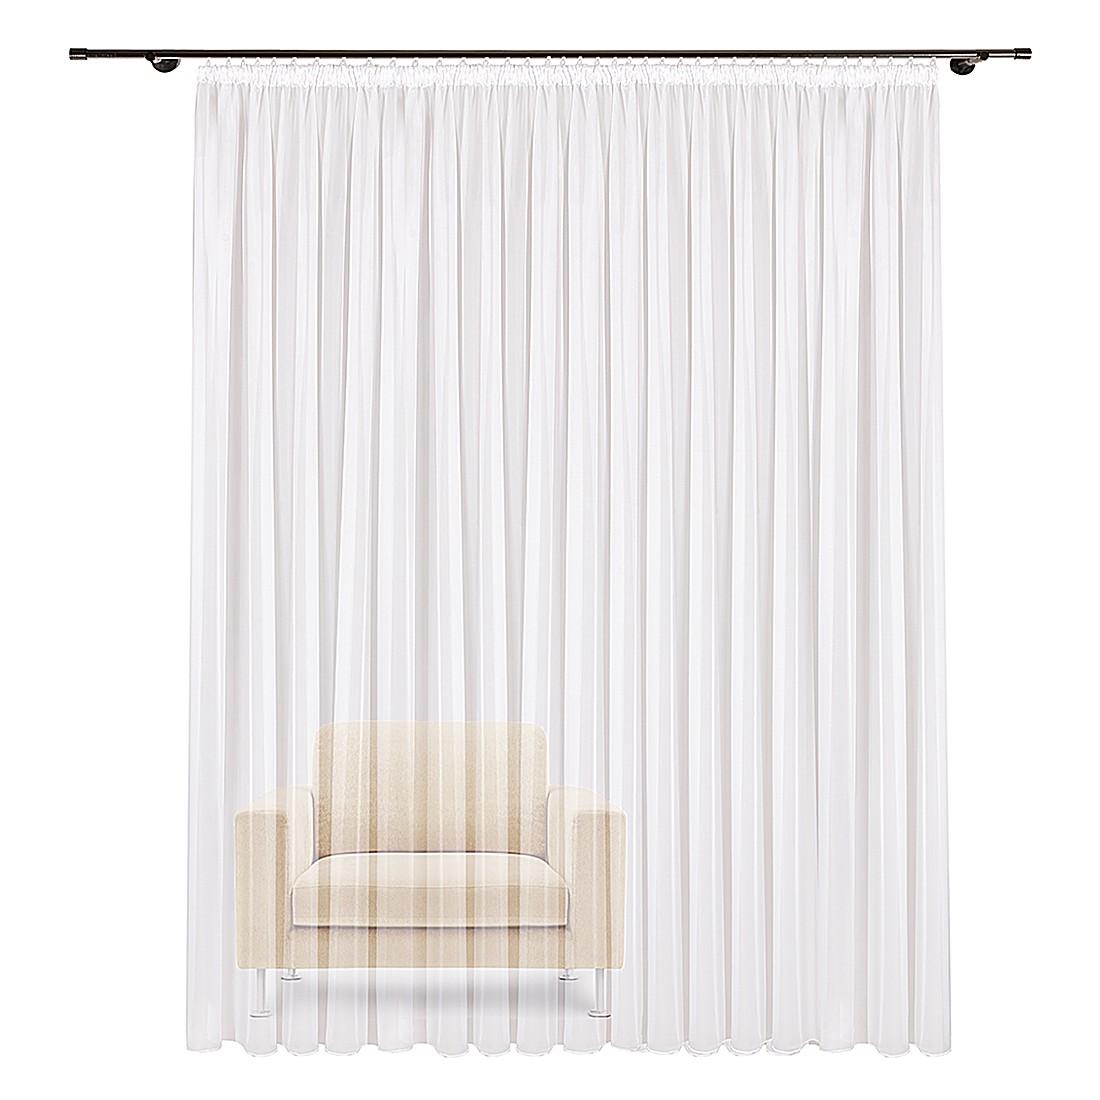 Store Pippa – Weiß – 600 x 175 cm, Home24Deko kaufen